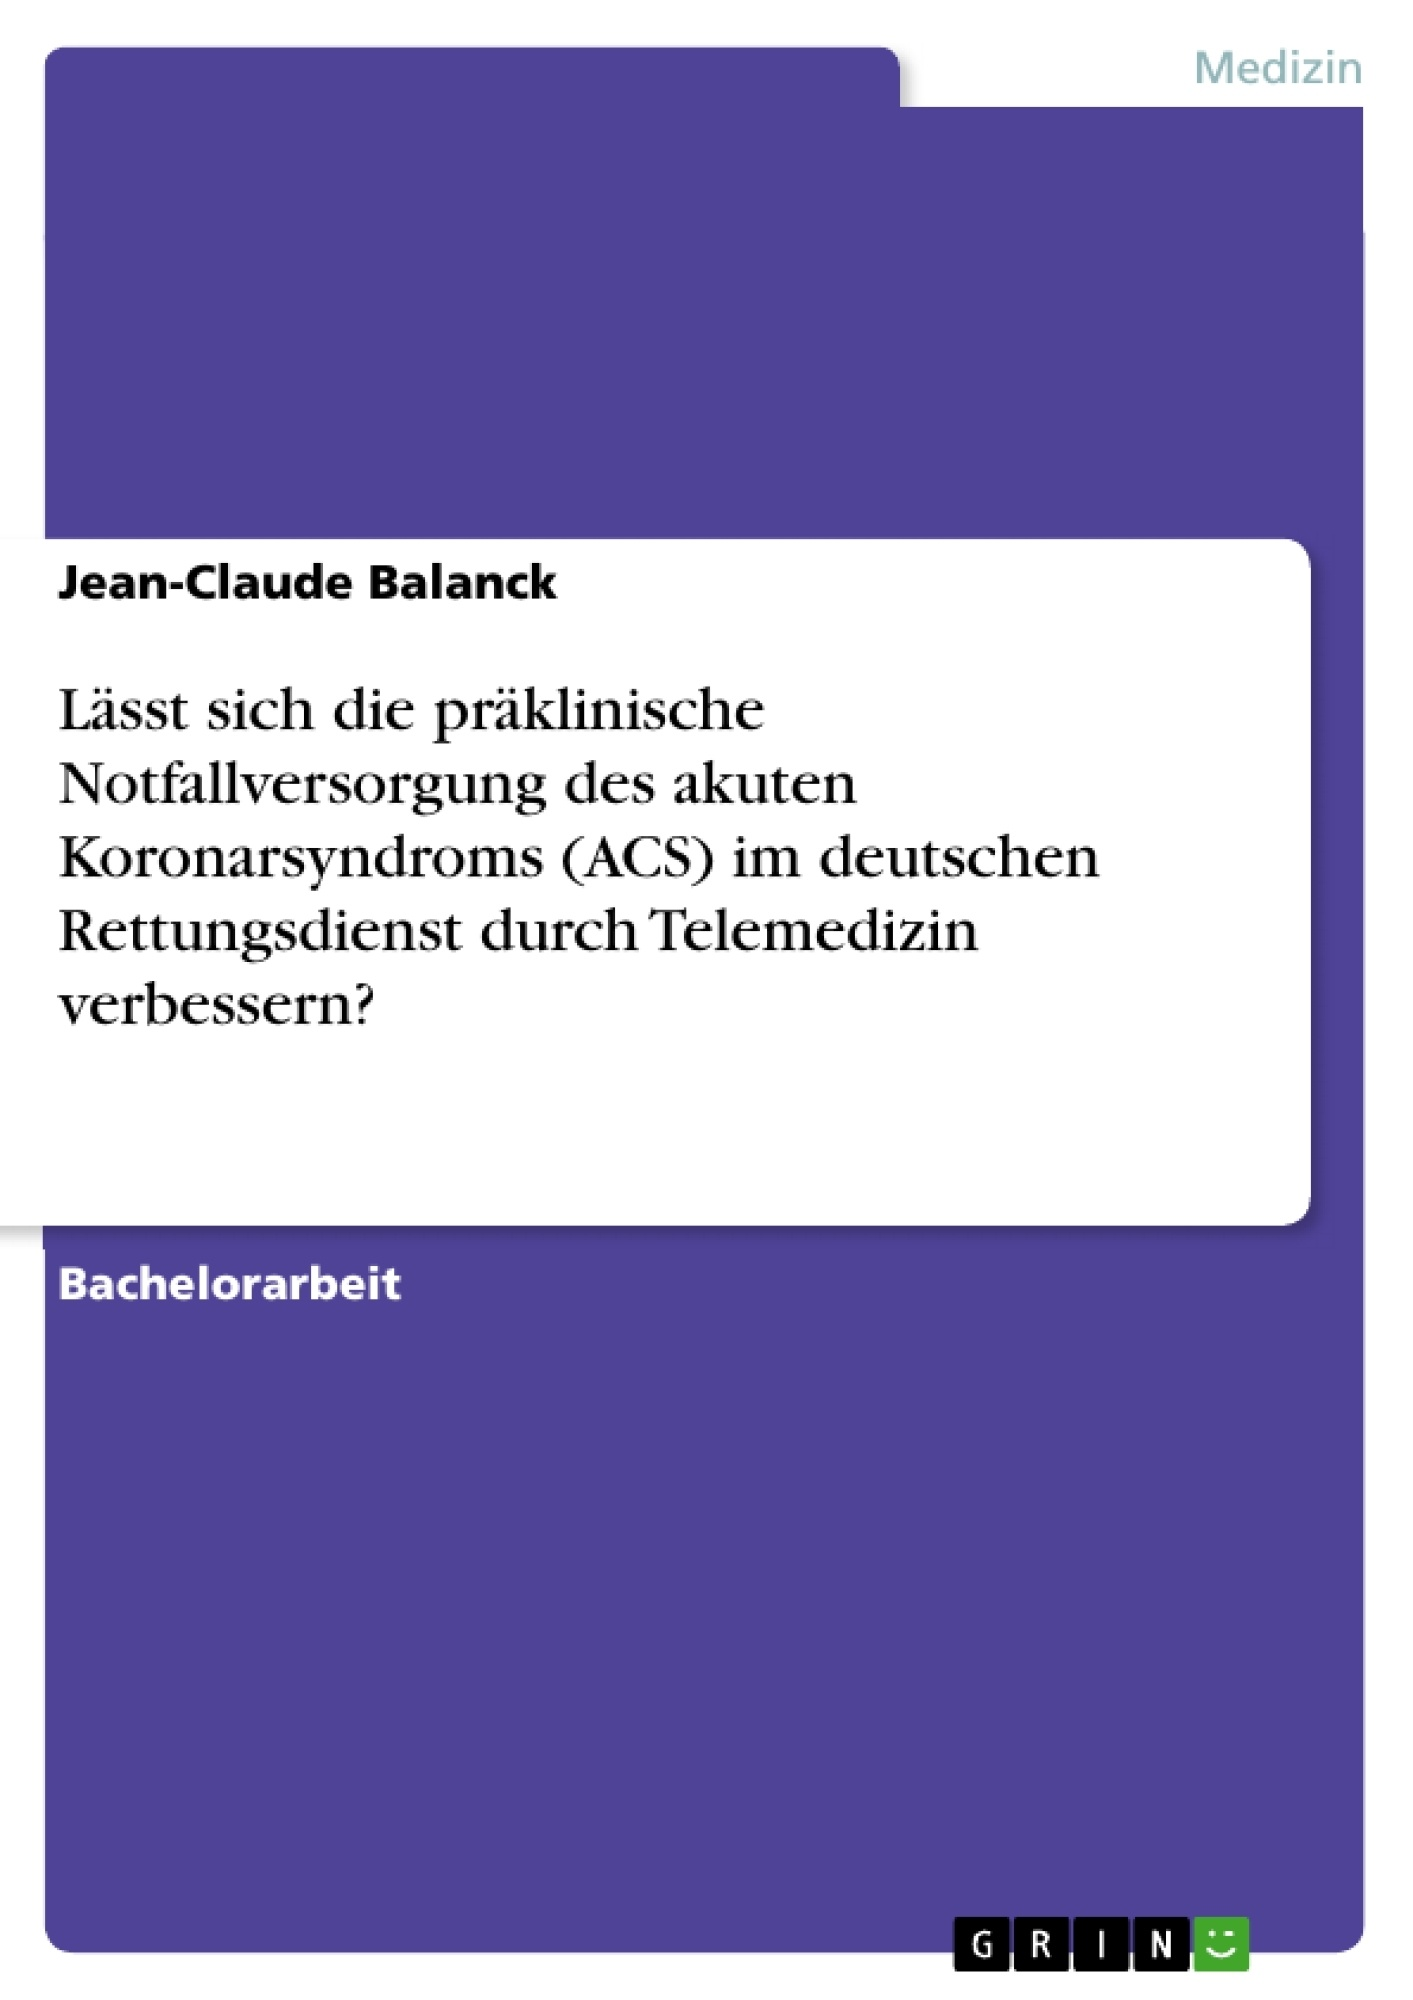 Titel: Lässt sich die präklinische Notfallversorgung des akuten Koronarsyndroms (ACS) im deutschen Rettungsdienst durch Telemedizin verbessern?